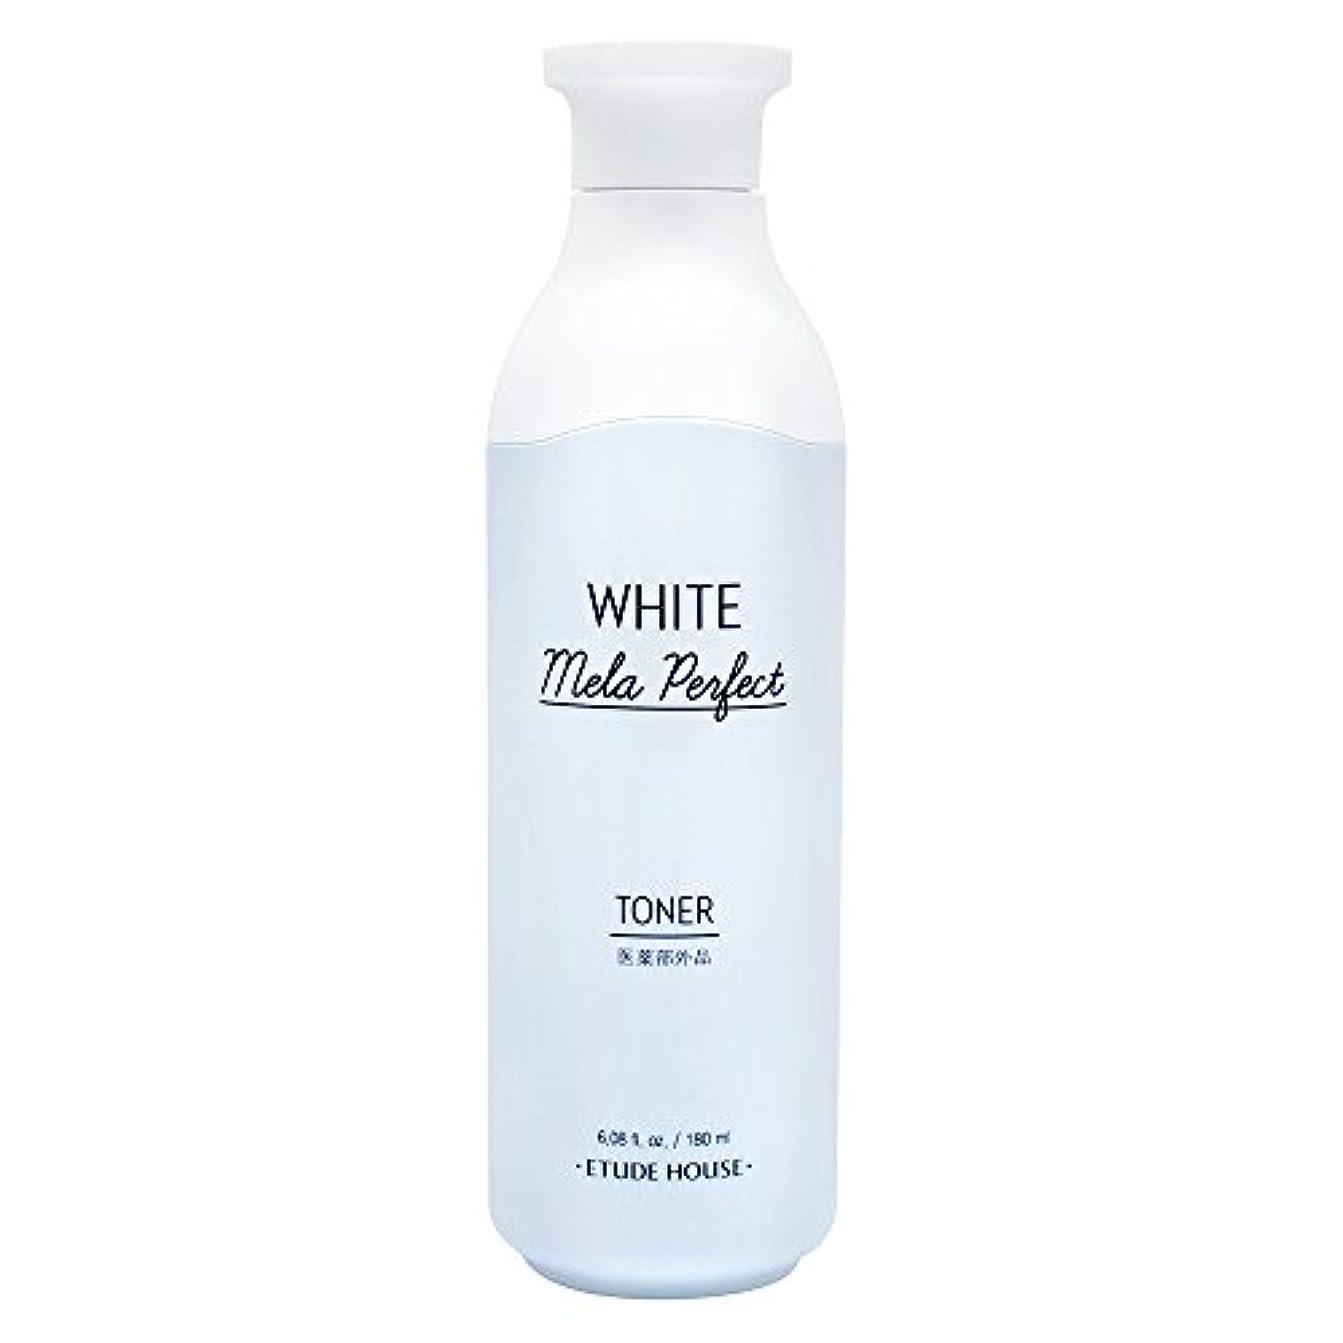 野生でも柔らかさエチュードハウス(ETUDE HOUSE) ホワイトメラパーフェクト トナー[美白化粧水、化粧水]